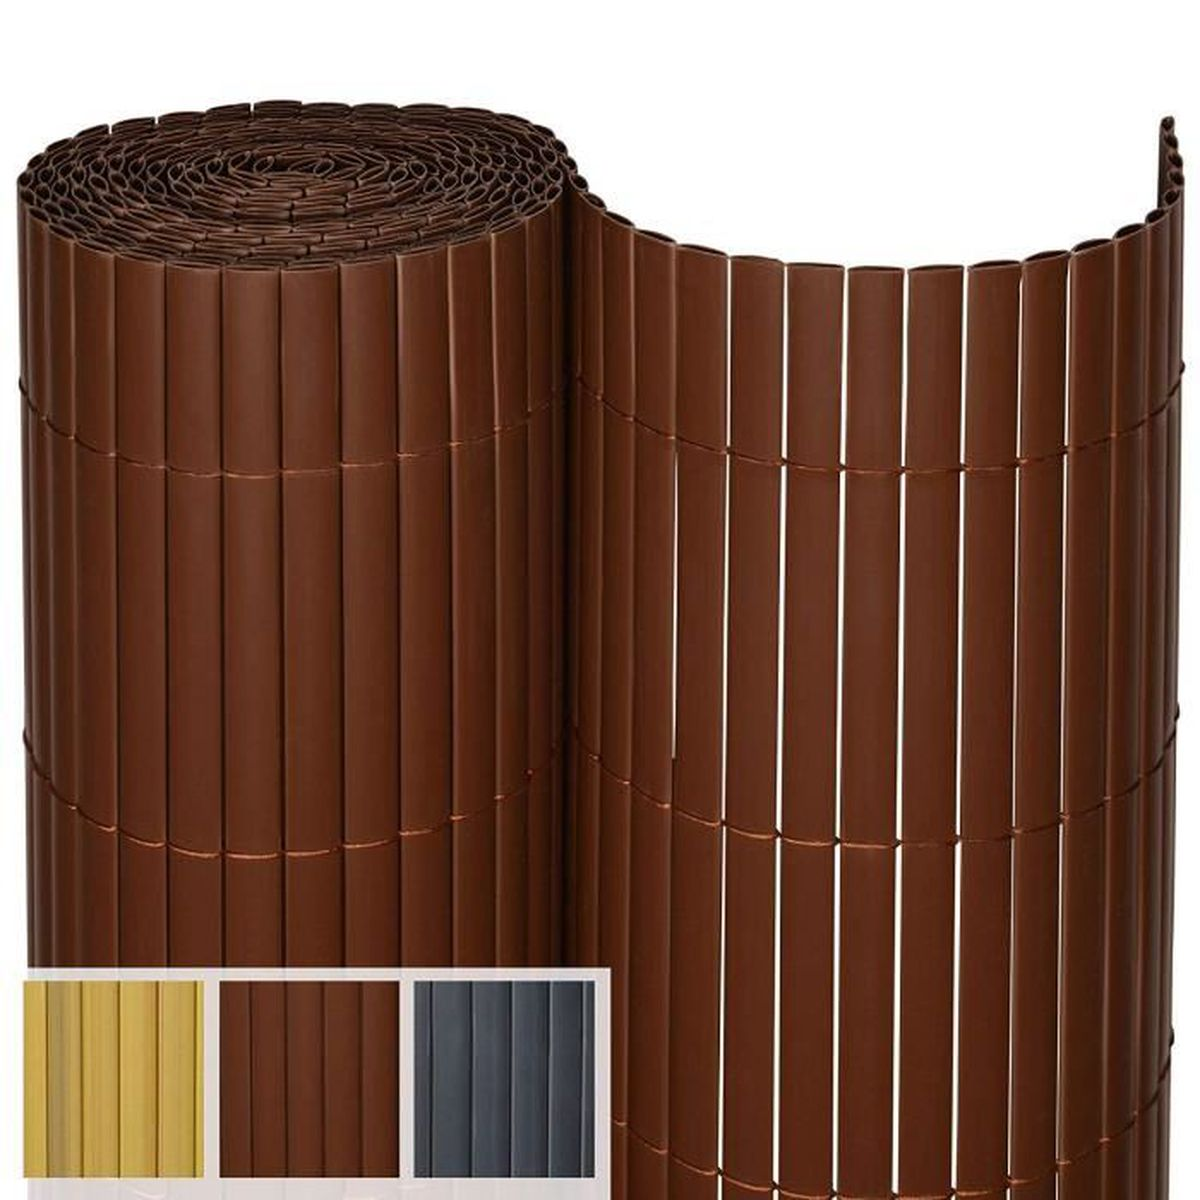 Hauteur Brise Vue Terrasse sol royal sol vision p14 - brise vue canisse pvc pour balcon & terrasse 140  x 300 cm marron